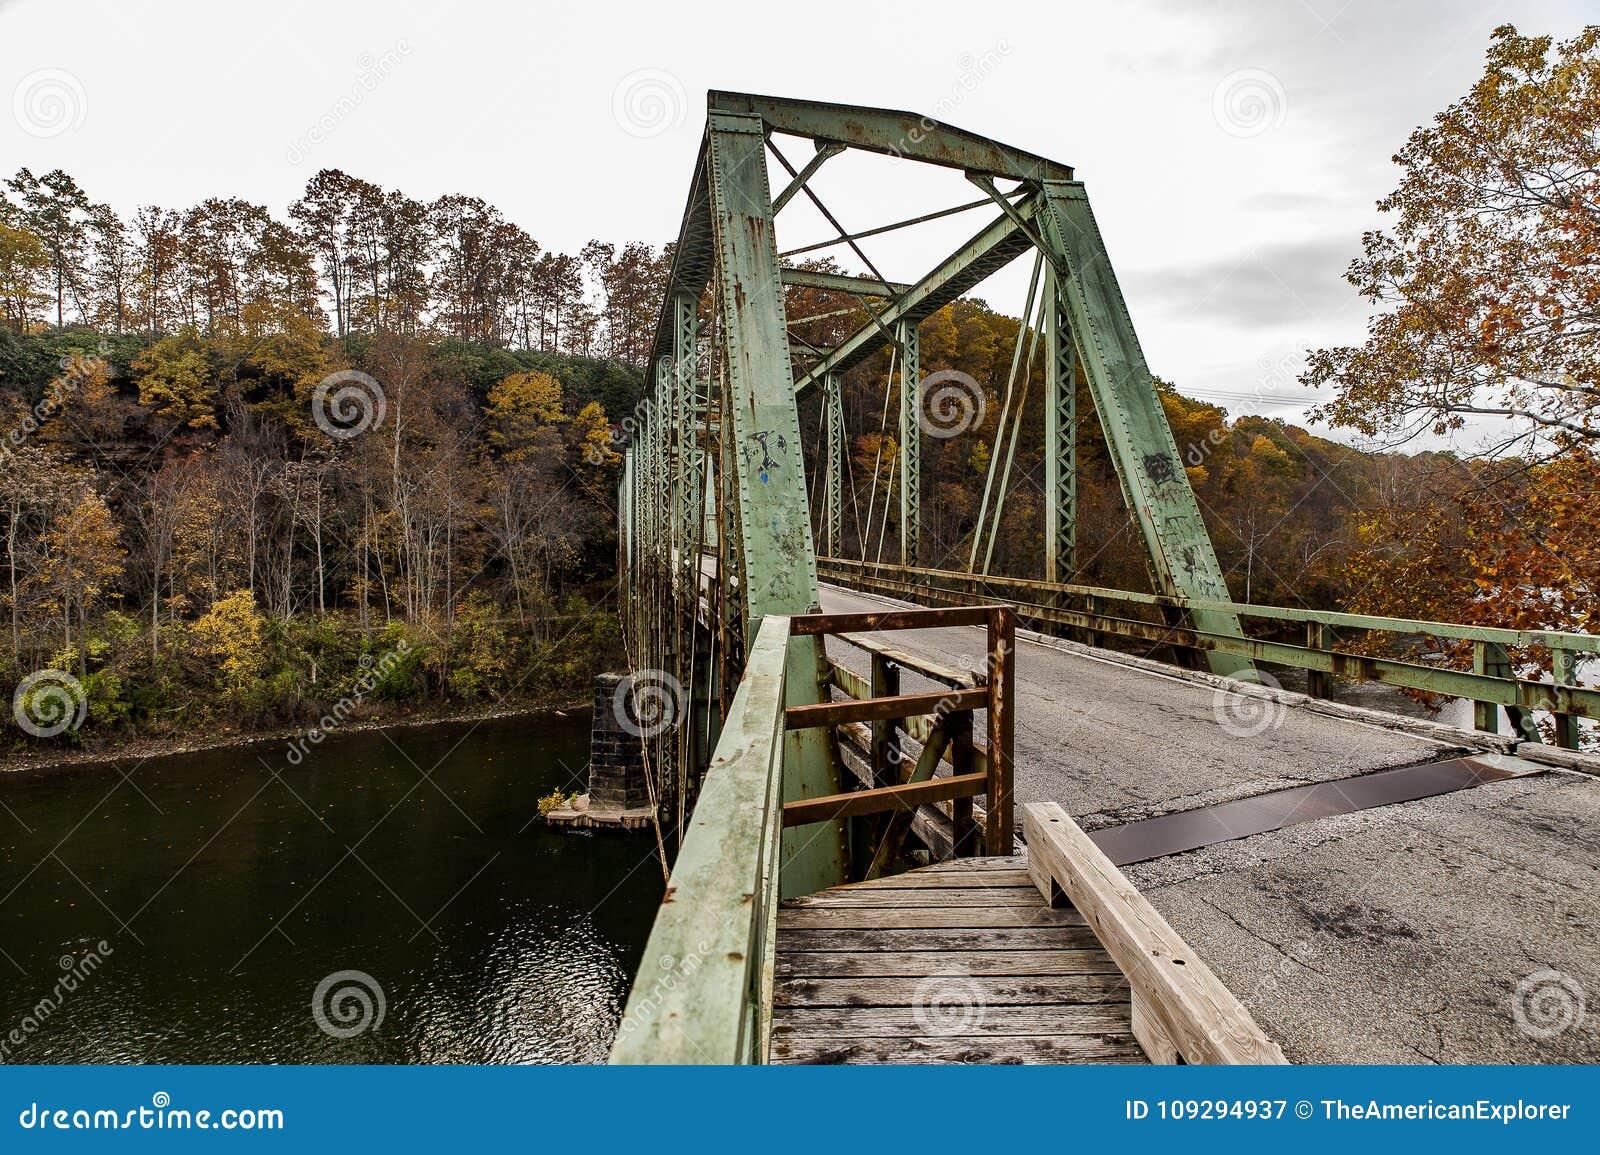 Pont de botte vert historique en automne - Layton Bridge - le comté de Fayette, Pennsylvanie